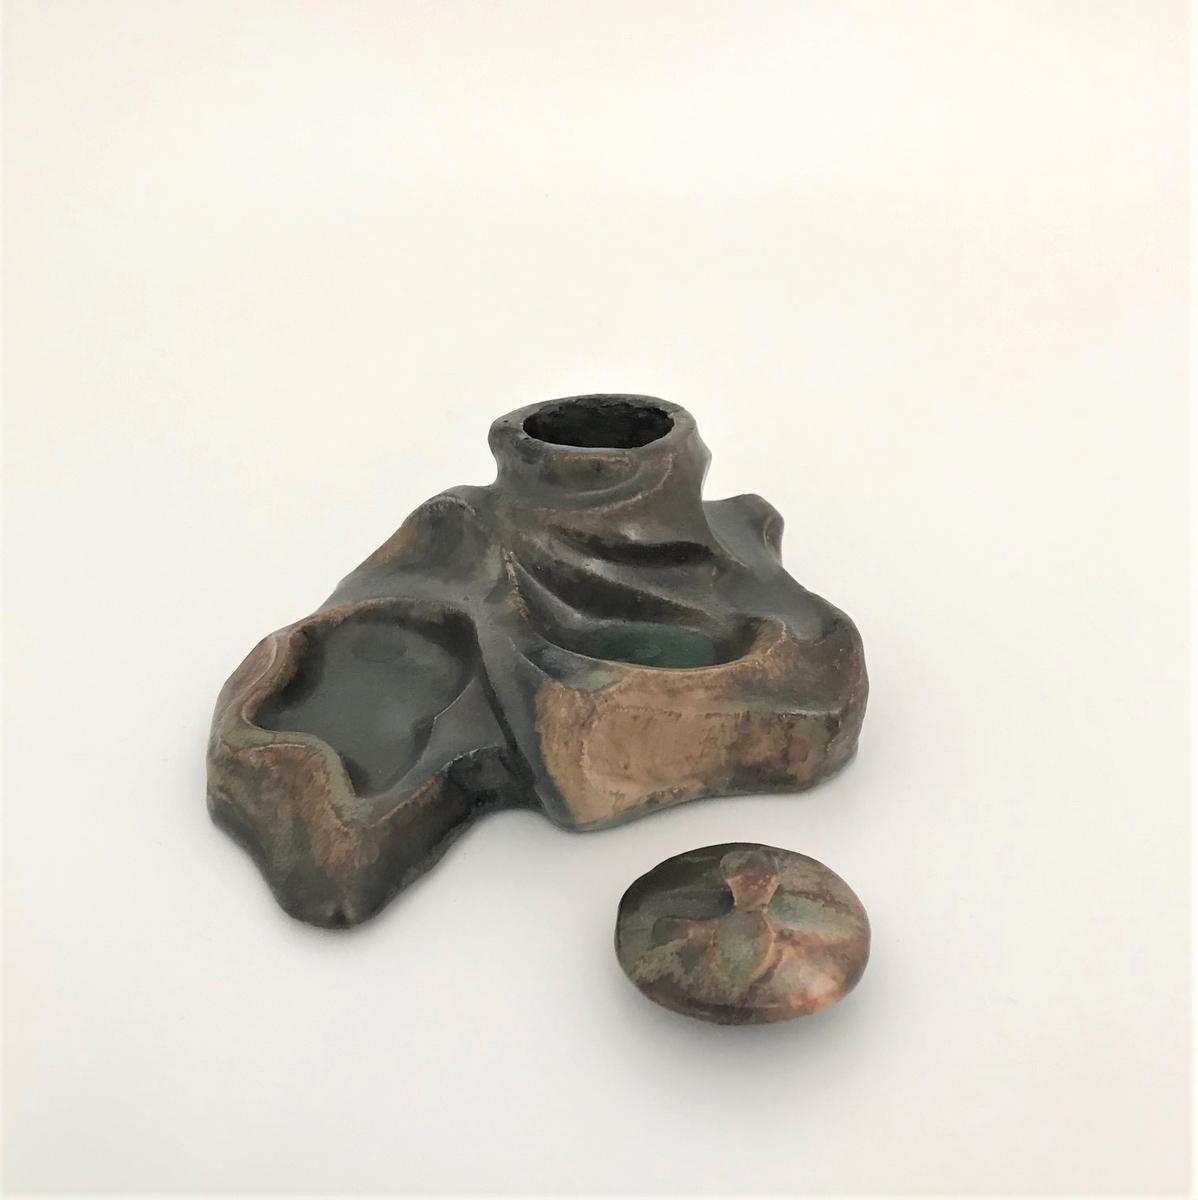 Blekkhus av steingods. Den asymmetriske formen minner om en klippeformasjon med avsatser i ulik høyde. Arbeidet preges av et organisk formspråk med slyngende linjeføringer. Blekkhuset er plassert på toppen og har et sirkulært lokk. Glasuren er holdt i brunlige fargetoner, mens blekkhusets fordypninger er grønnfarget.